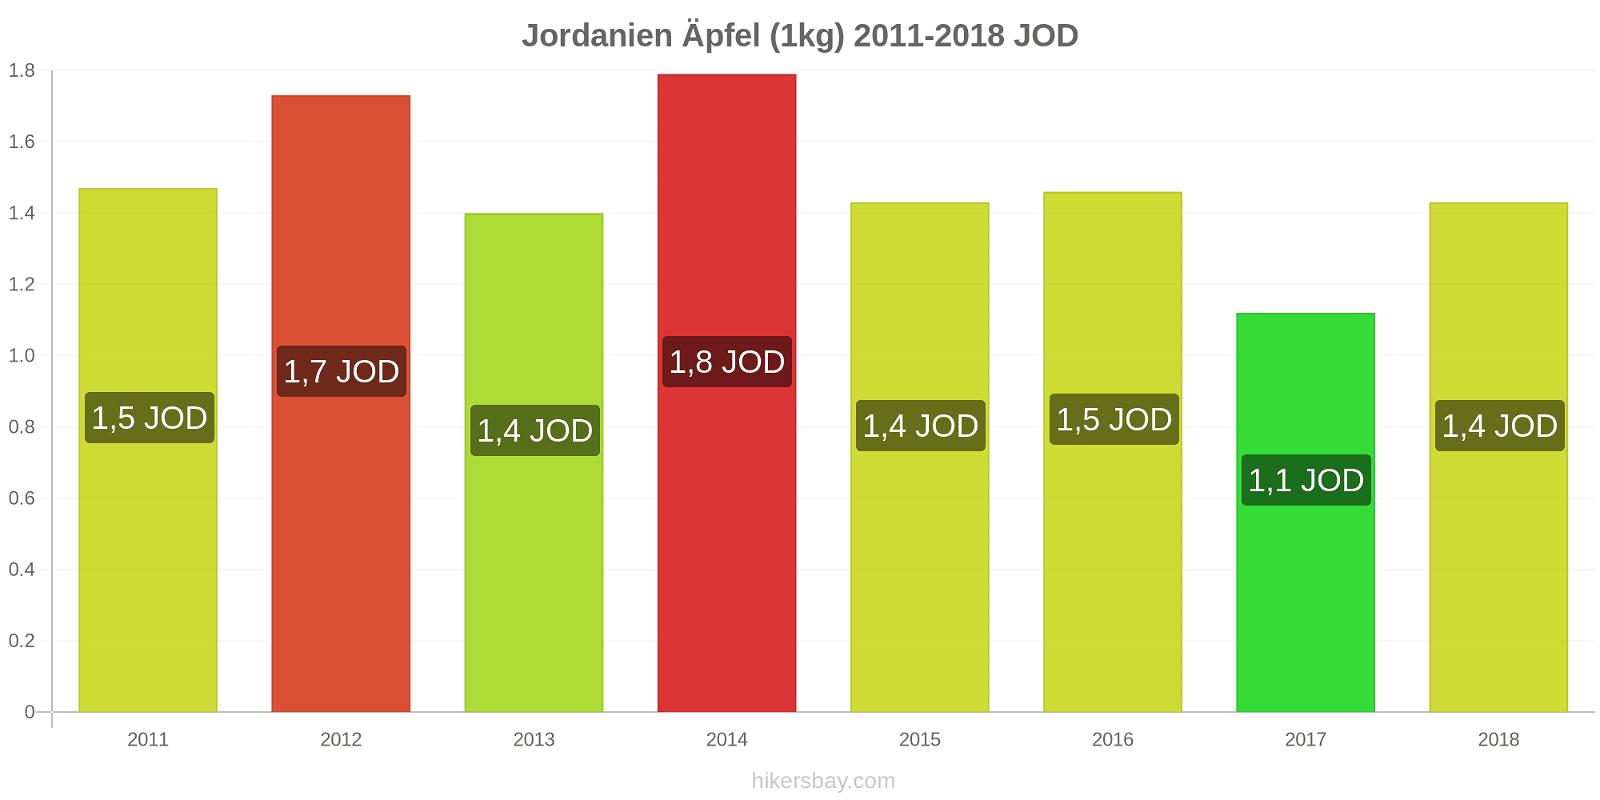 Jordanien Preisänderungen Äpfel (1kg) hikersbay.com